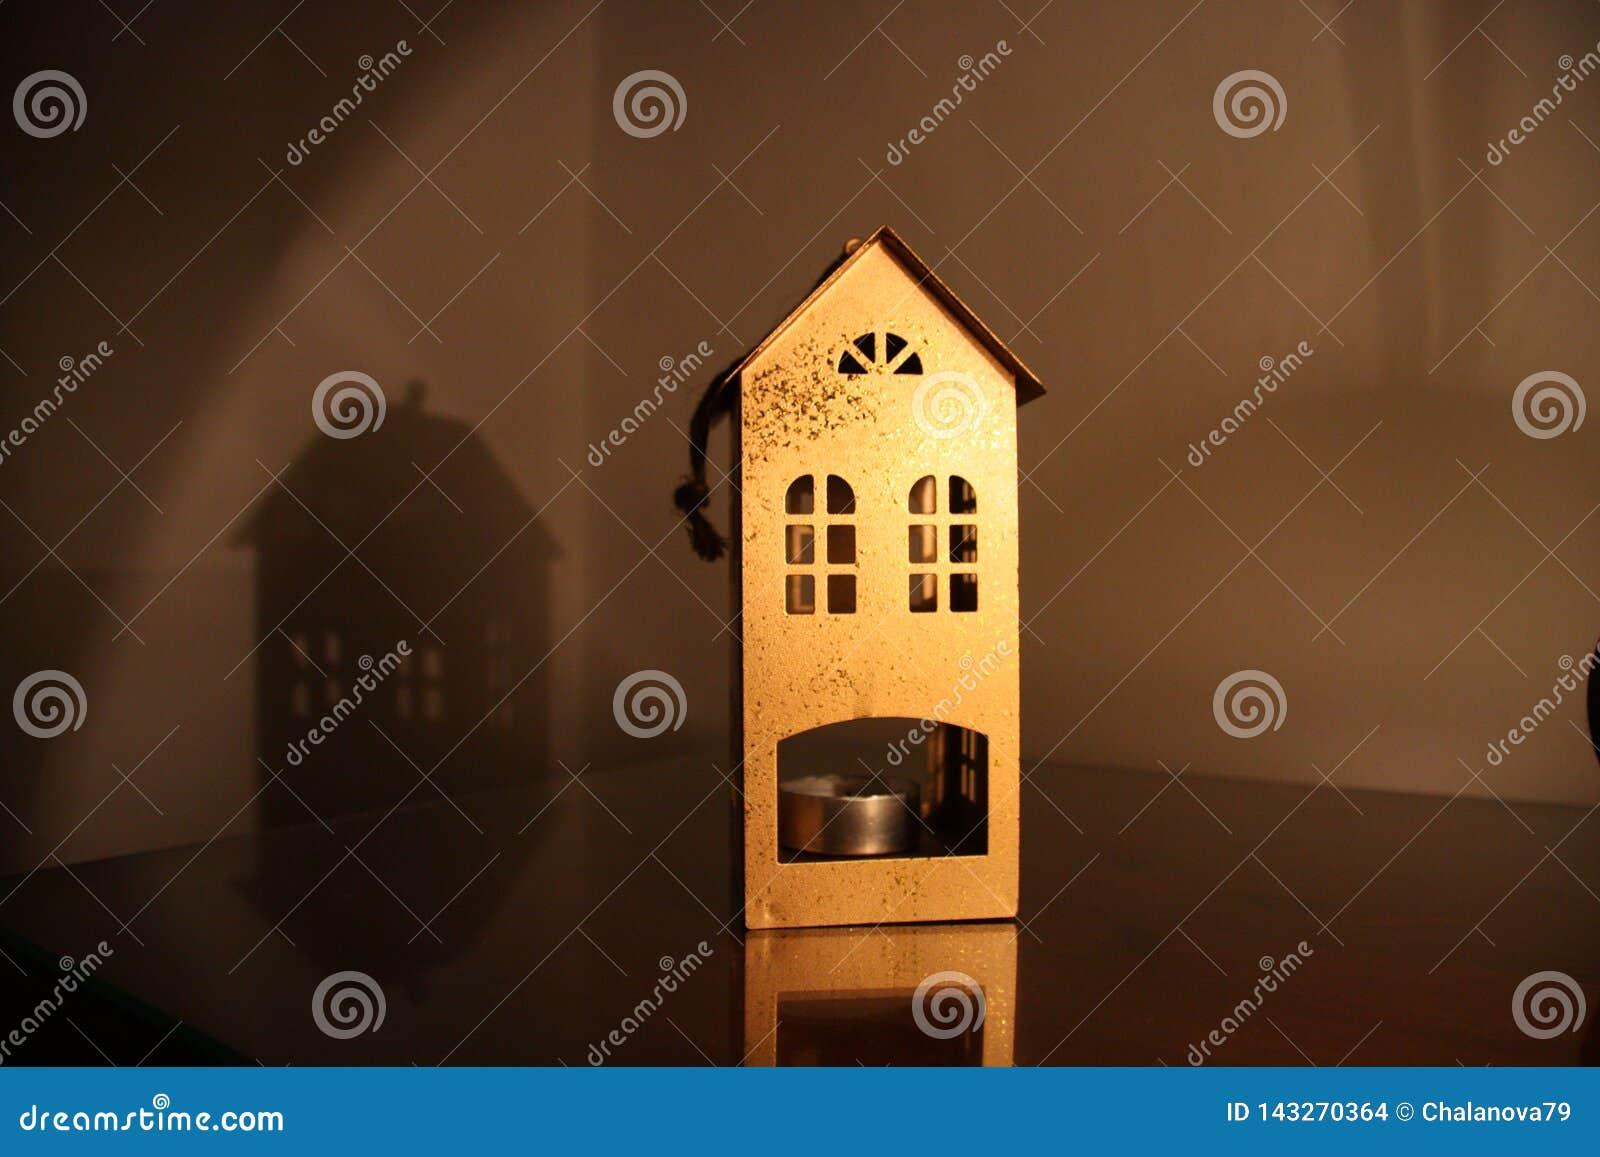 Metallisk ljusstake i form av ett hus på tabellen i den mörka aftonen med lampljus